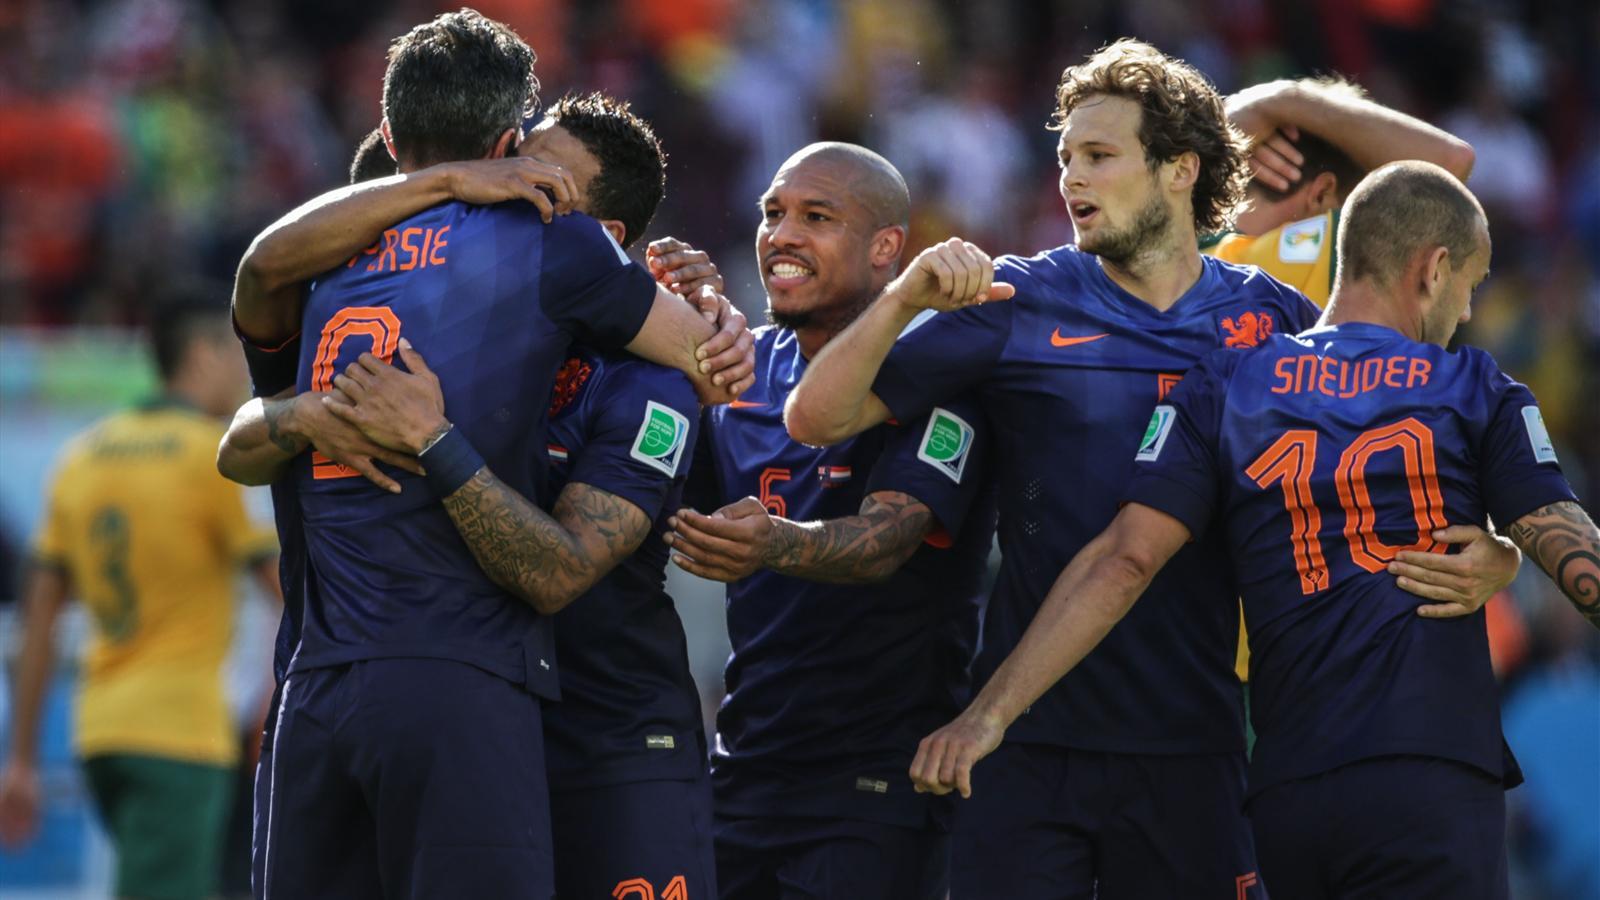 Australie - Pays-Bas (2-3): La furia oranje survit aux Socceroos pour rallier les 8es